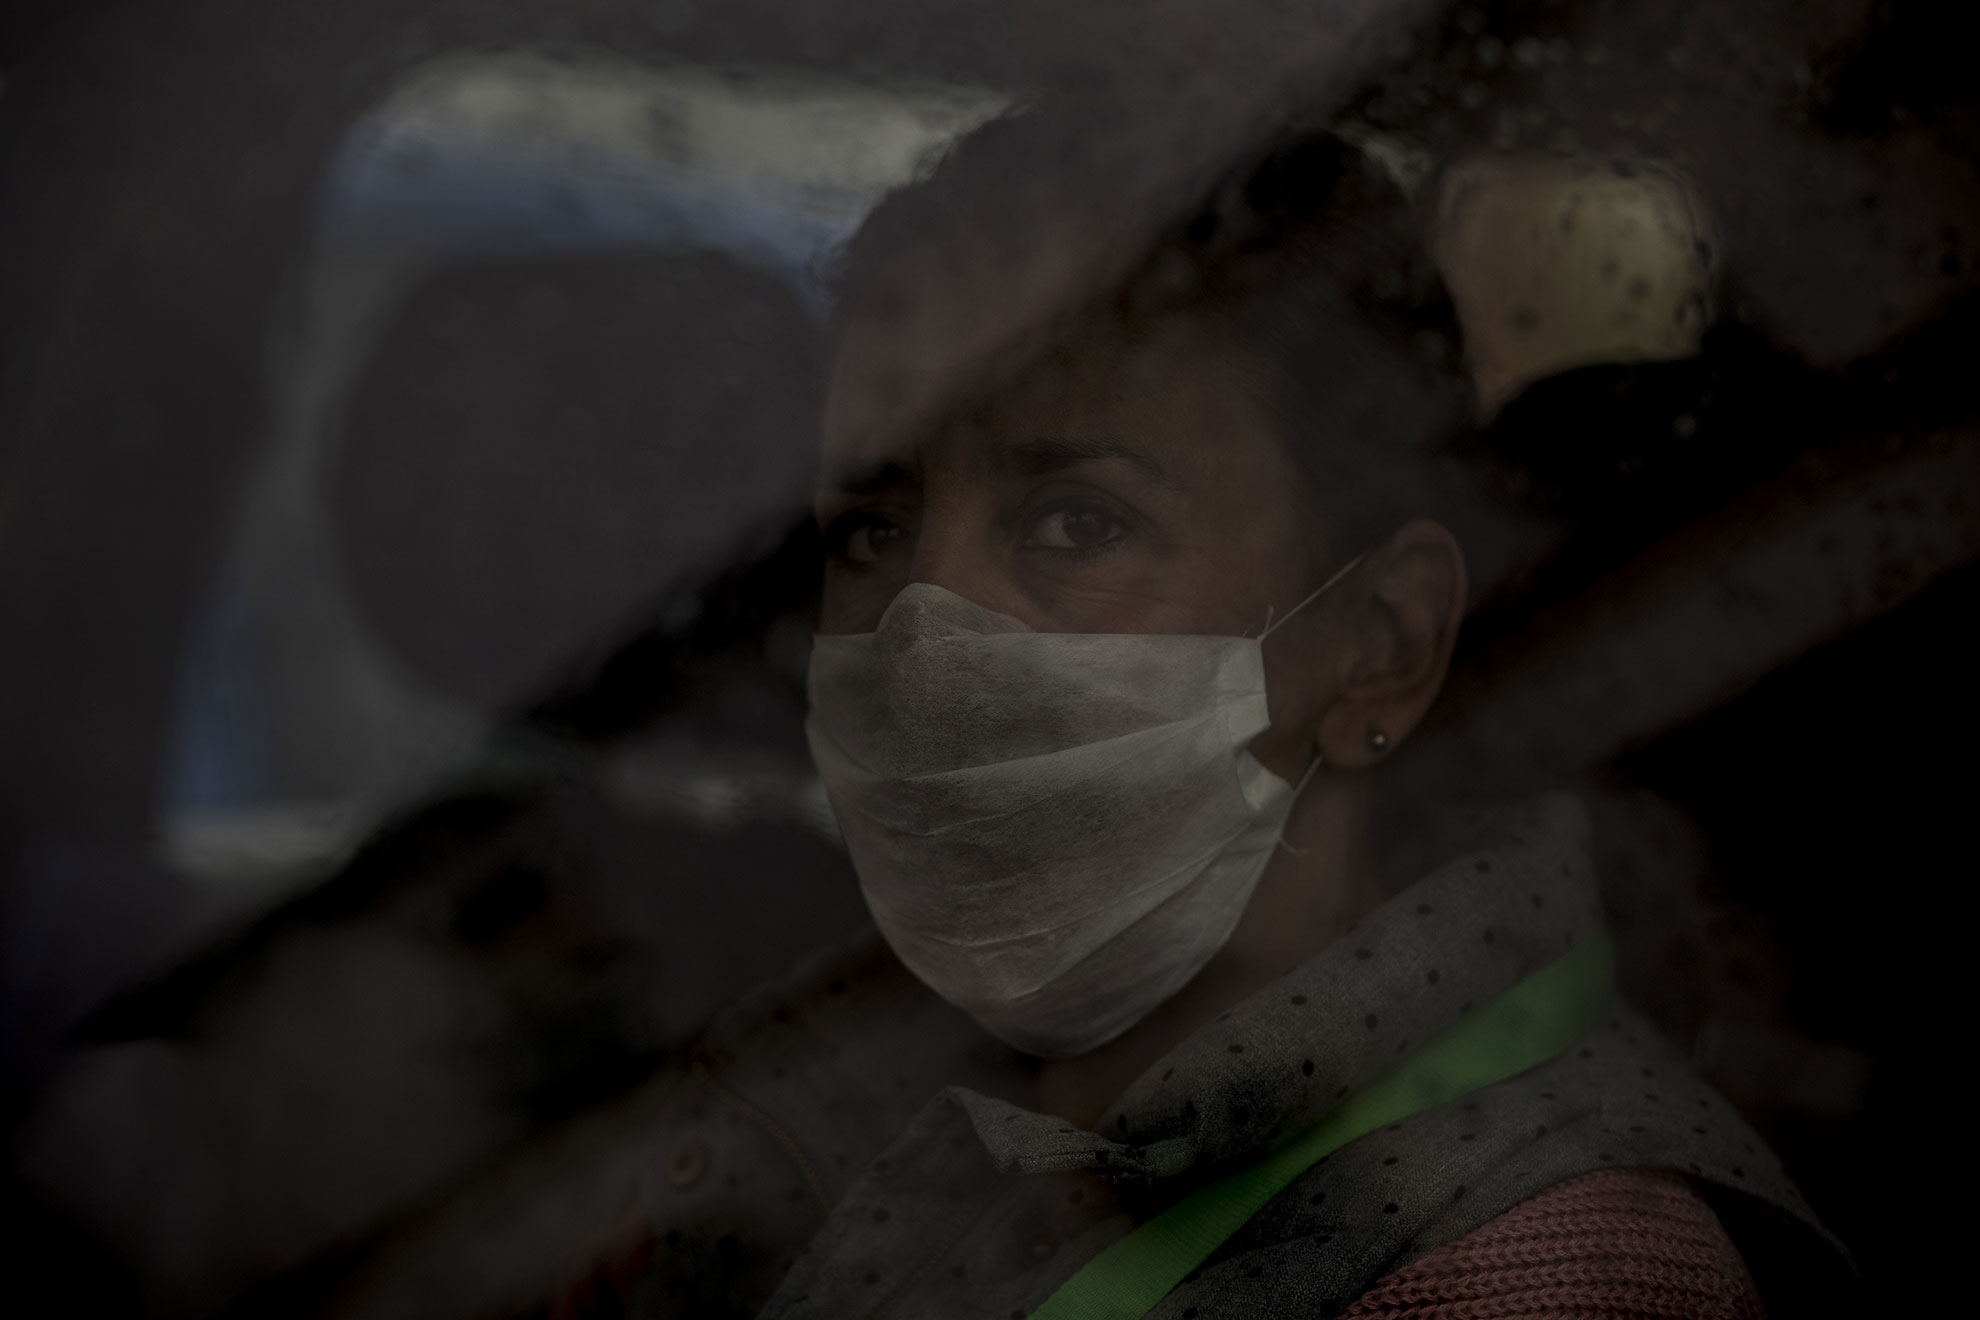 Una mujer lleva una mascarilla en el interior de su vehículo durante el sexto día de confinamiento domiciliario decretado por el gobierno a raíz del brote de COVID19. El ambiente reinante es de suspicacia y miedo mutuos en Jerez, el viernes 20 de marzo de 2020.